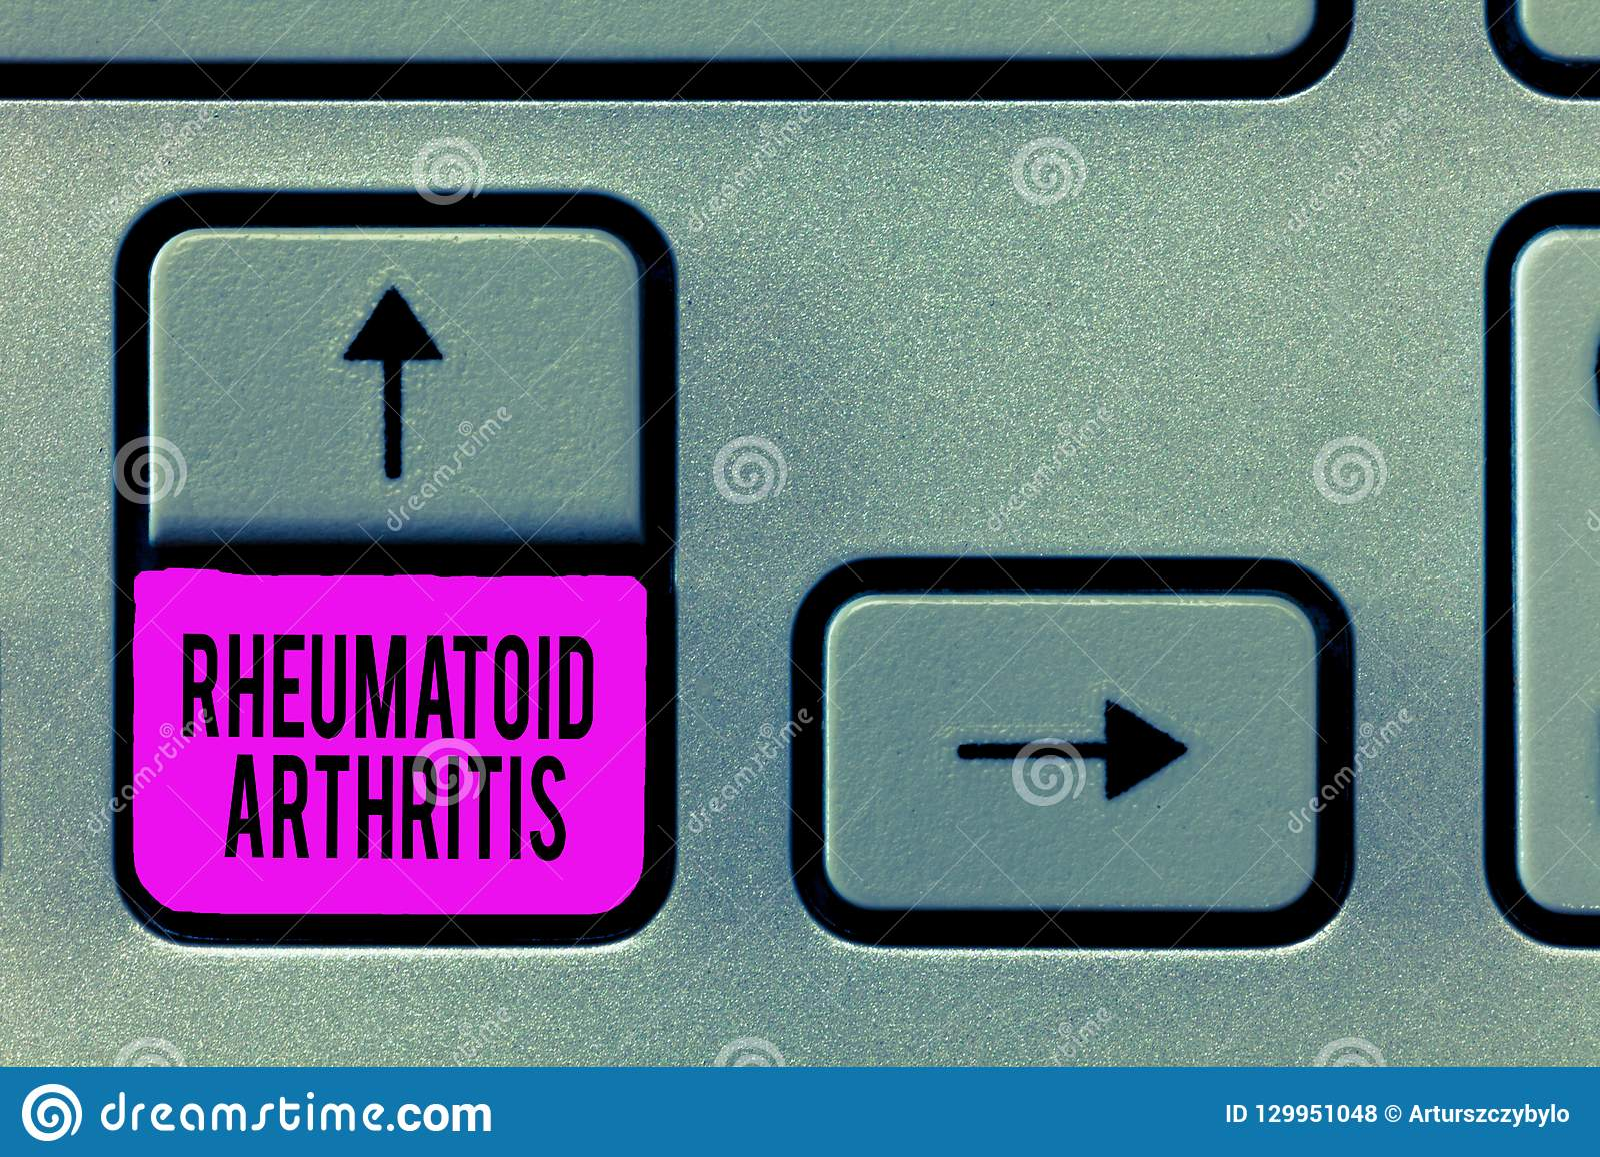 显示风湿性关节炎的文字笔记 陈列可能导致关节痛和的自体免疫病的企业照片